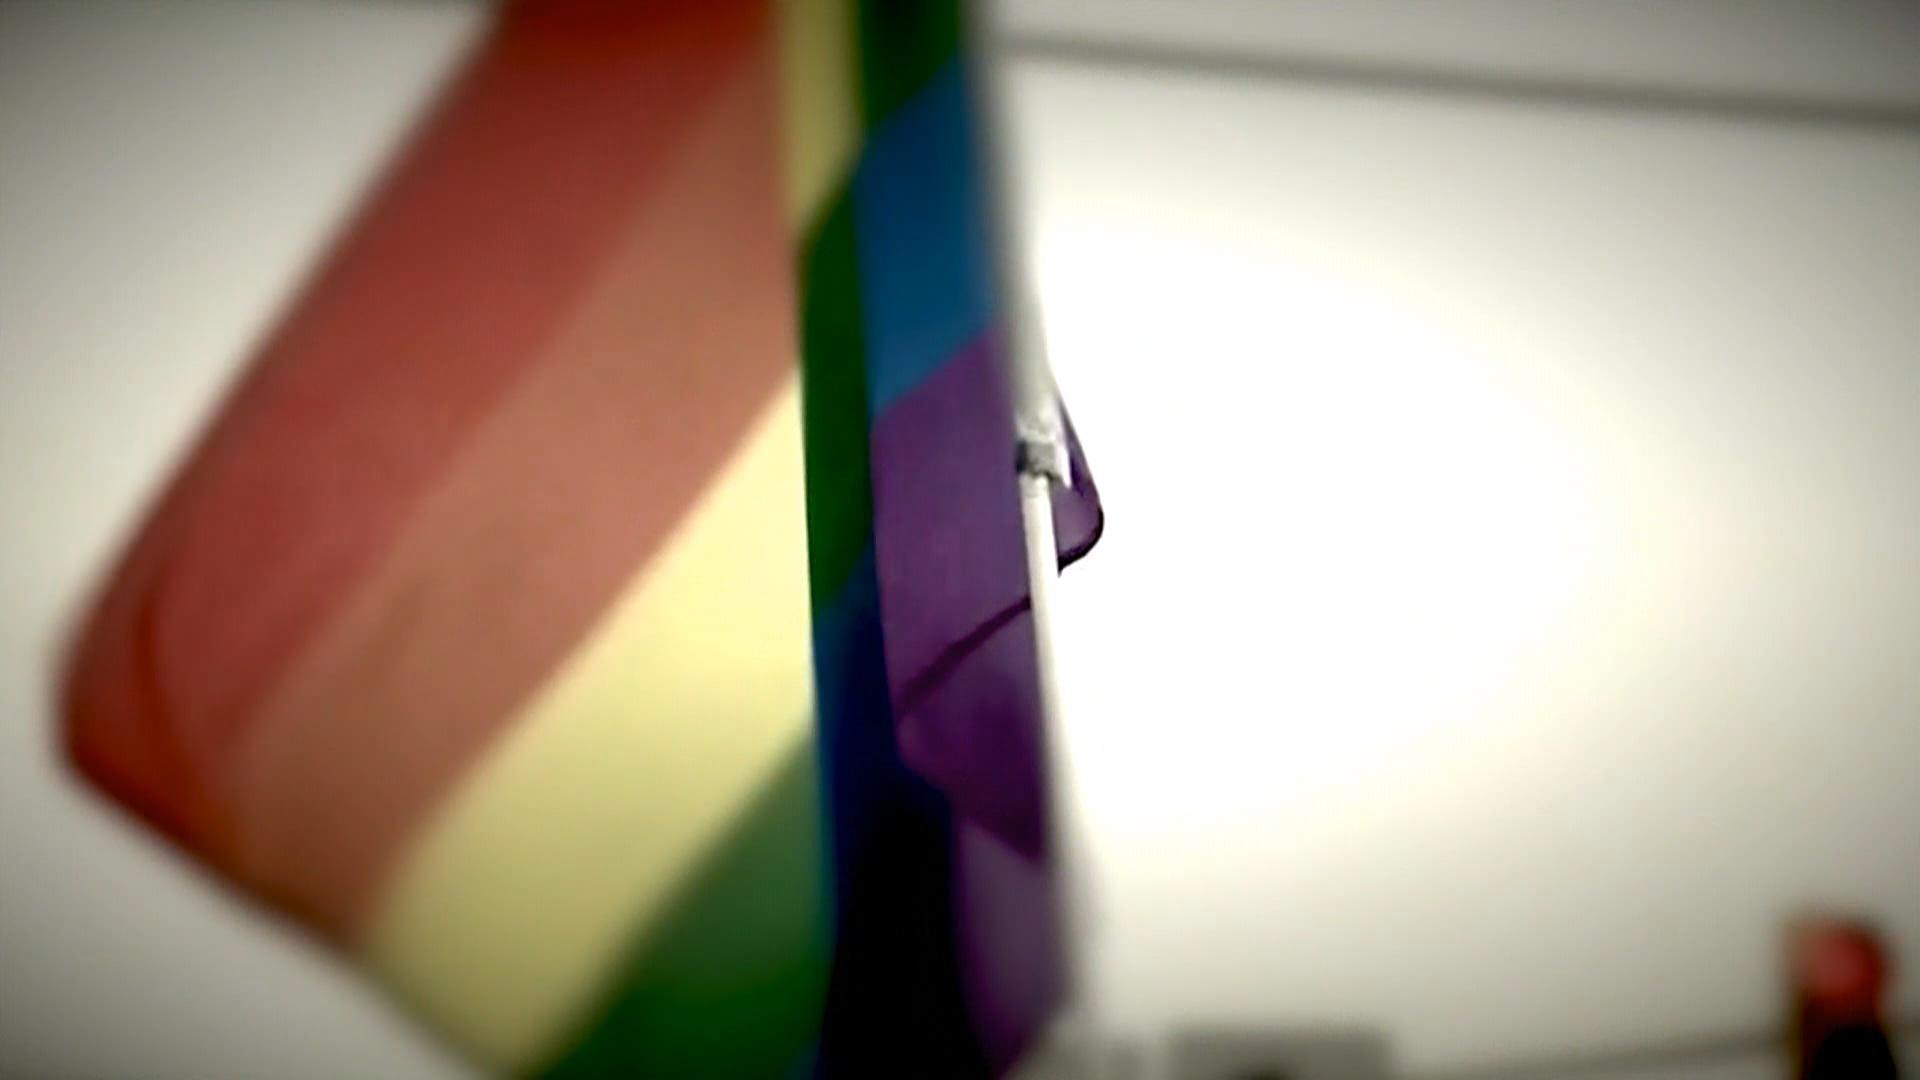 LGBTQ_1546983506997-794306118.jpg